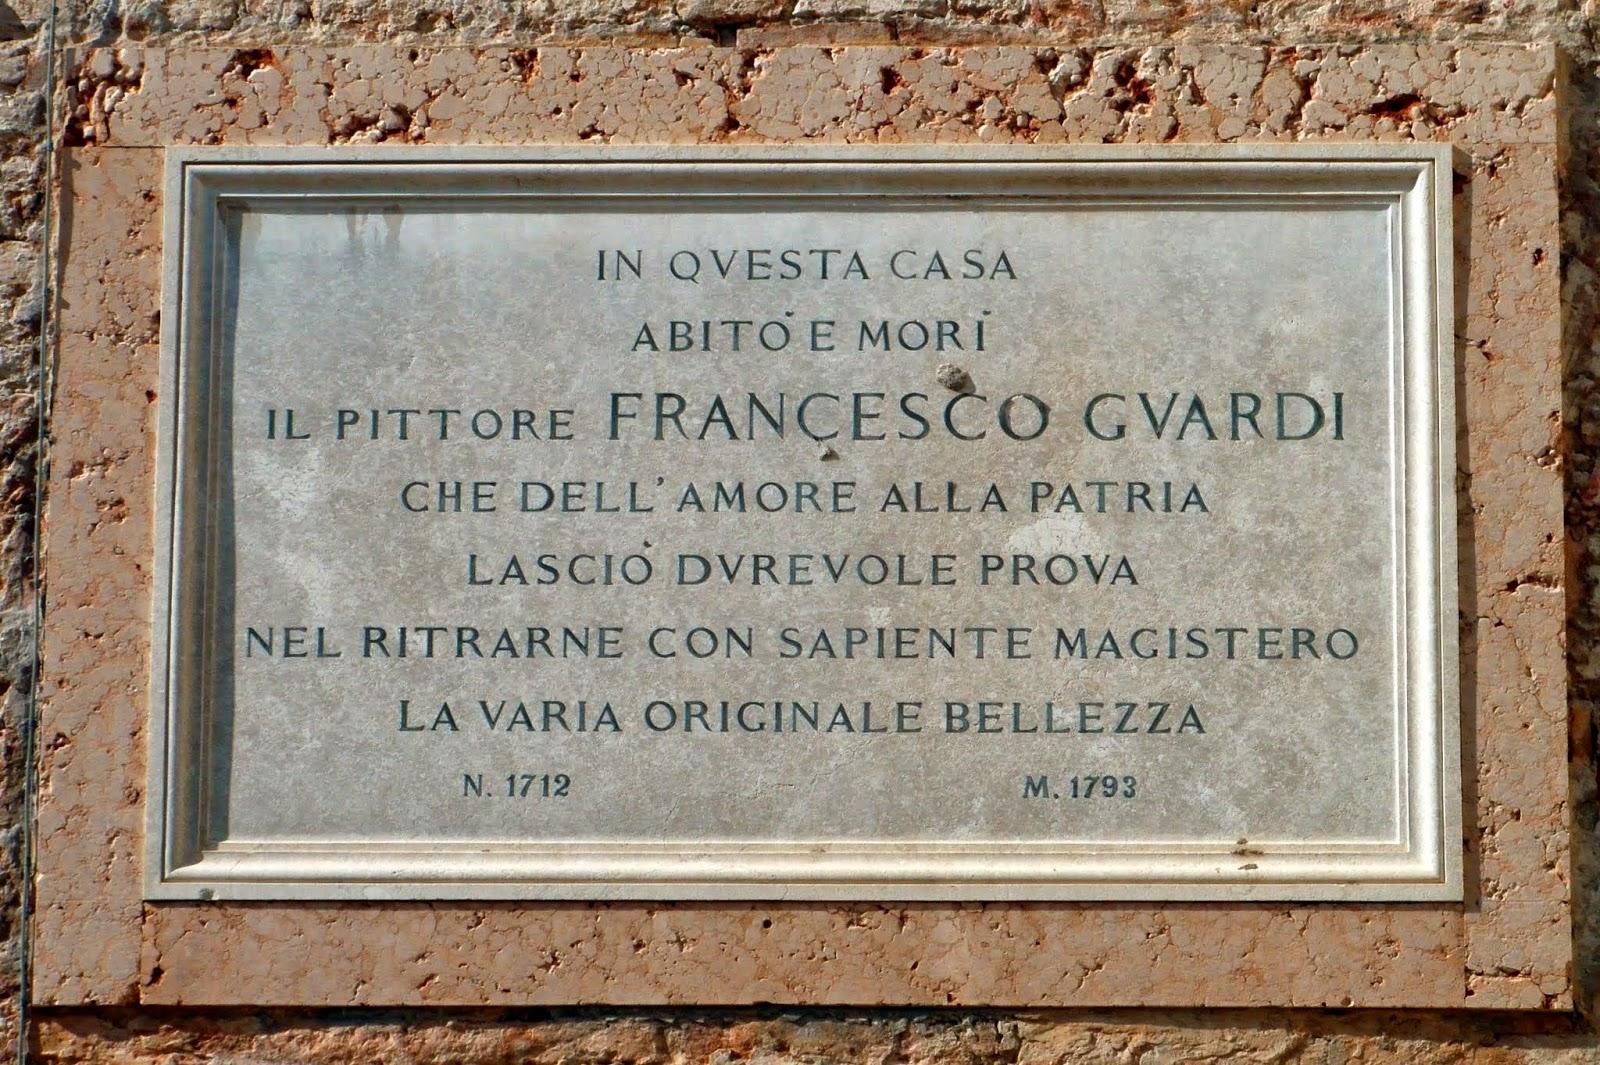 Plaque to Francesco Guardi, Venice